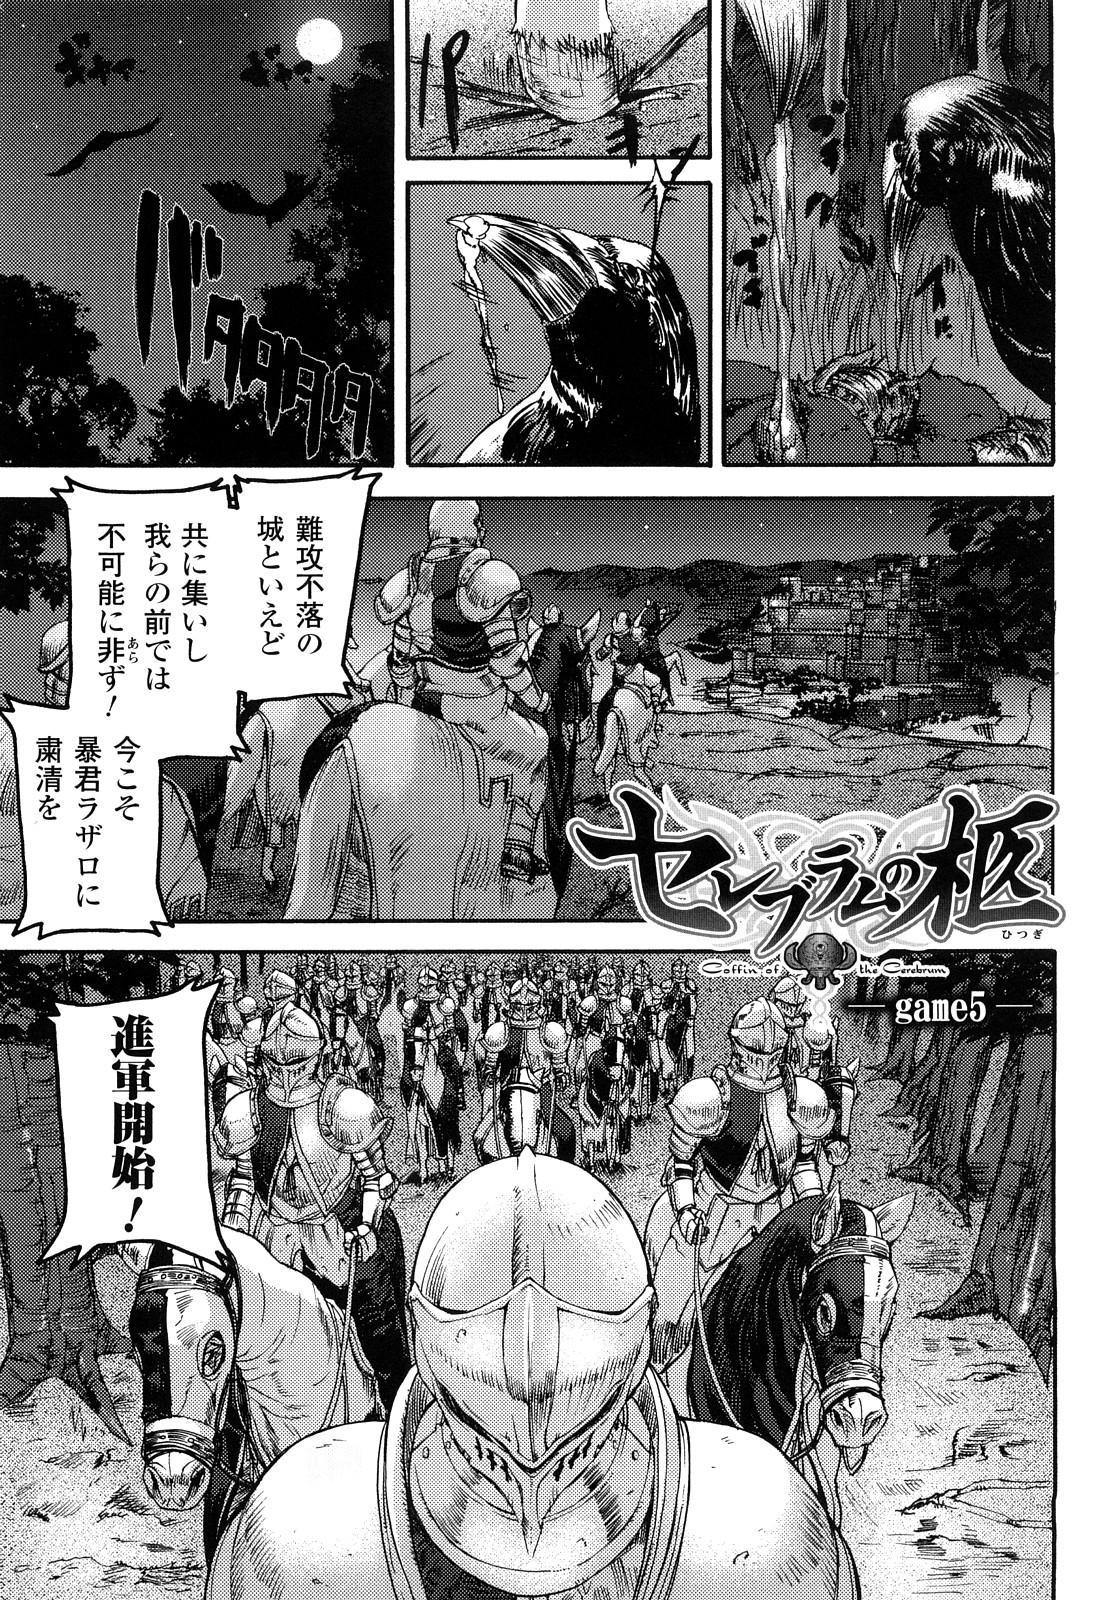 Cerberum no Hitsugi Haitoku no Hanmegami - The Coffin of Cerebrum Immoral Demivenus 105